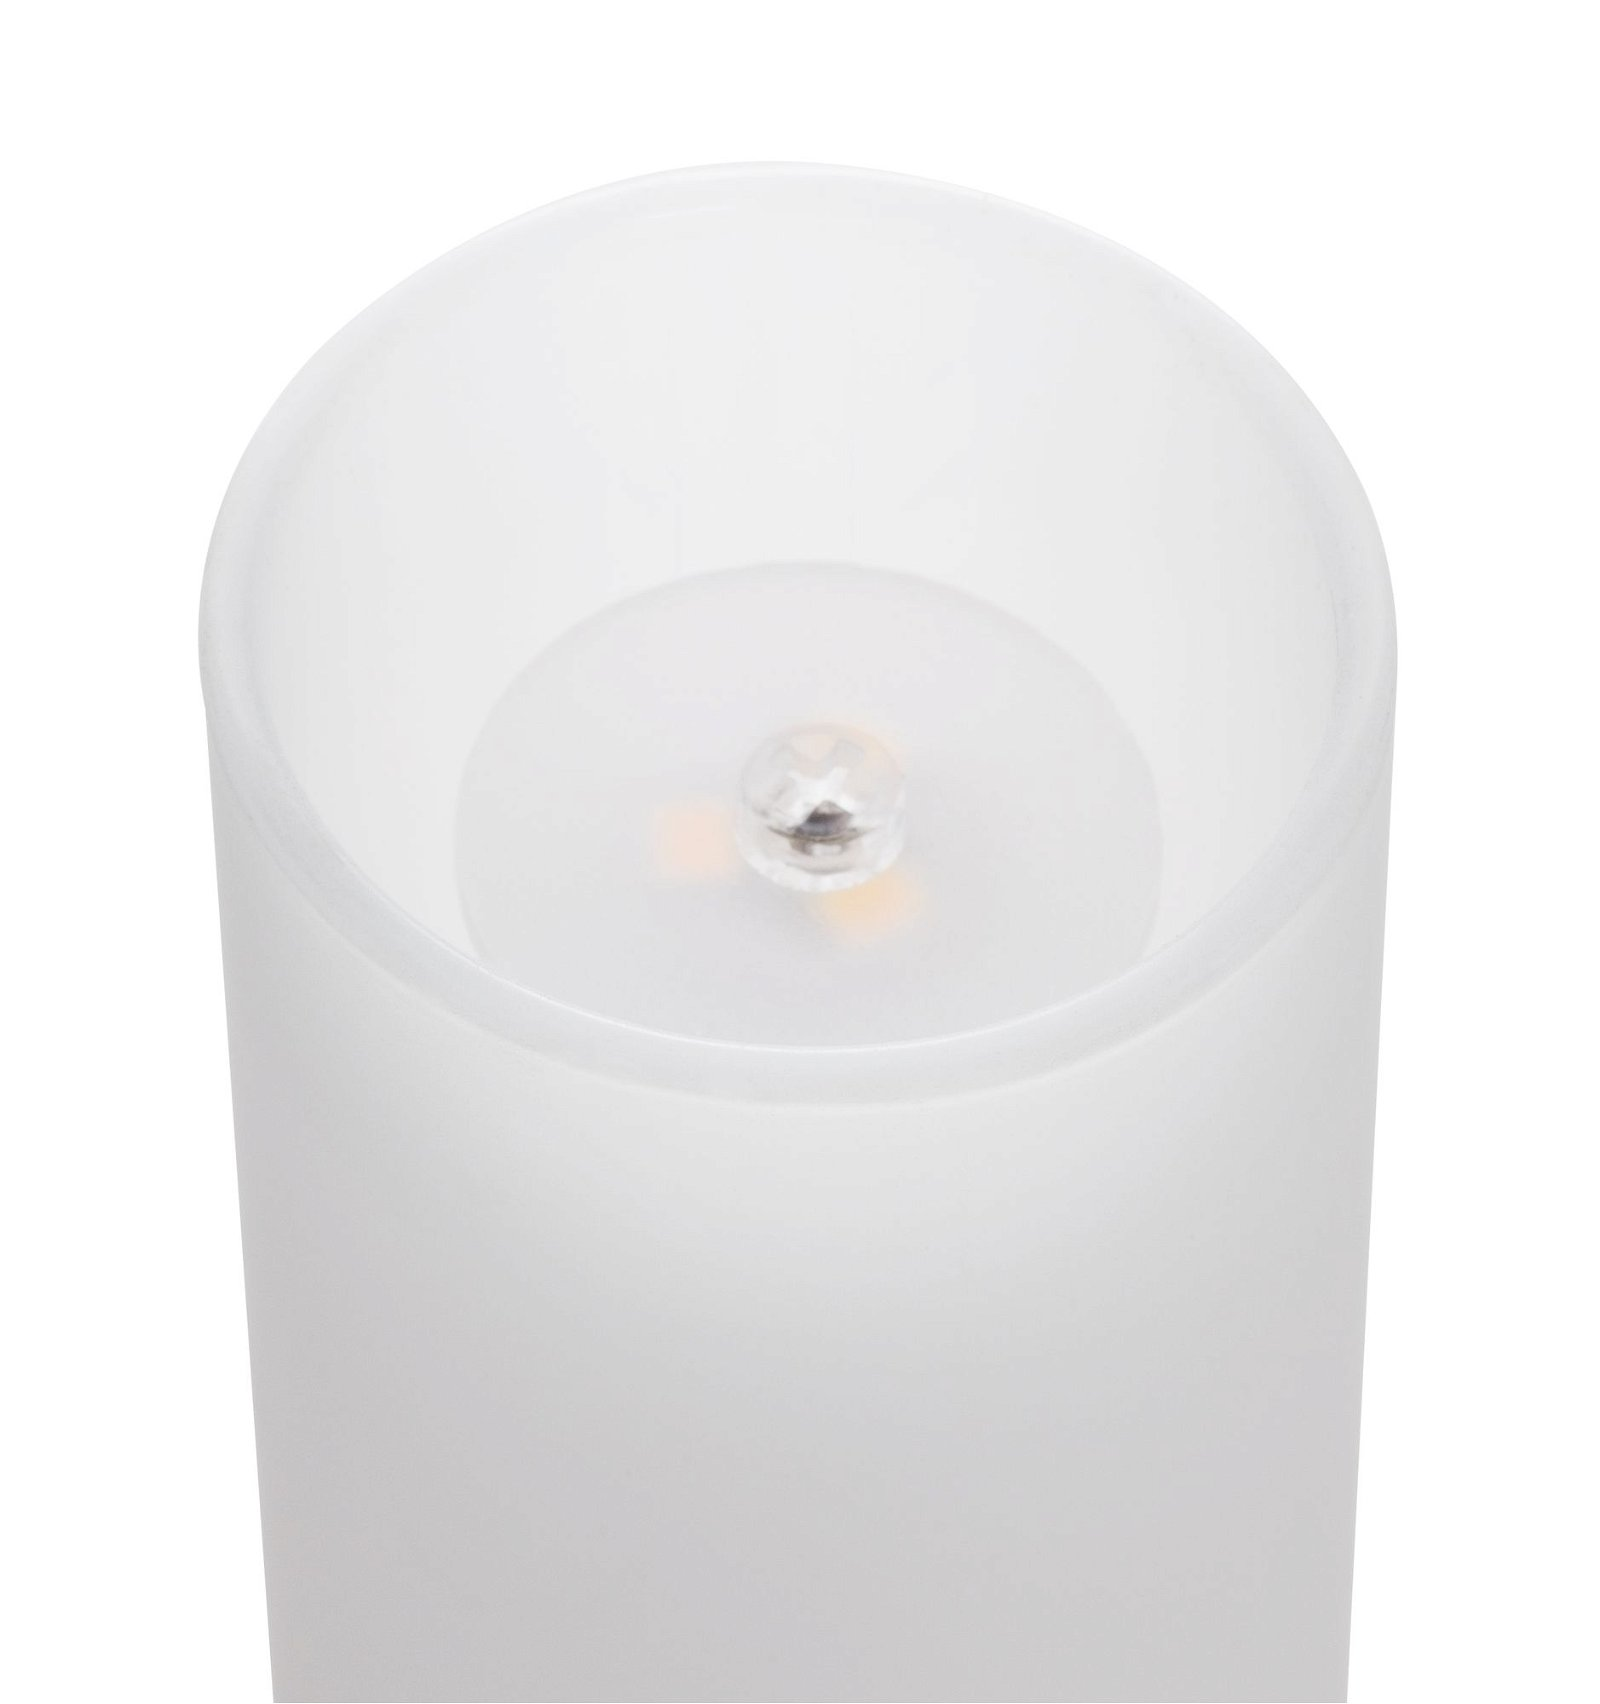 LED DecoPipe gerade 4,7W E14 Warmweiß dimmbar